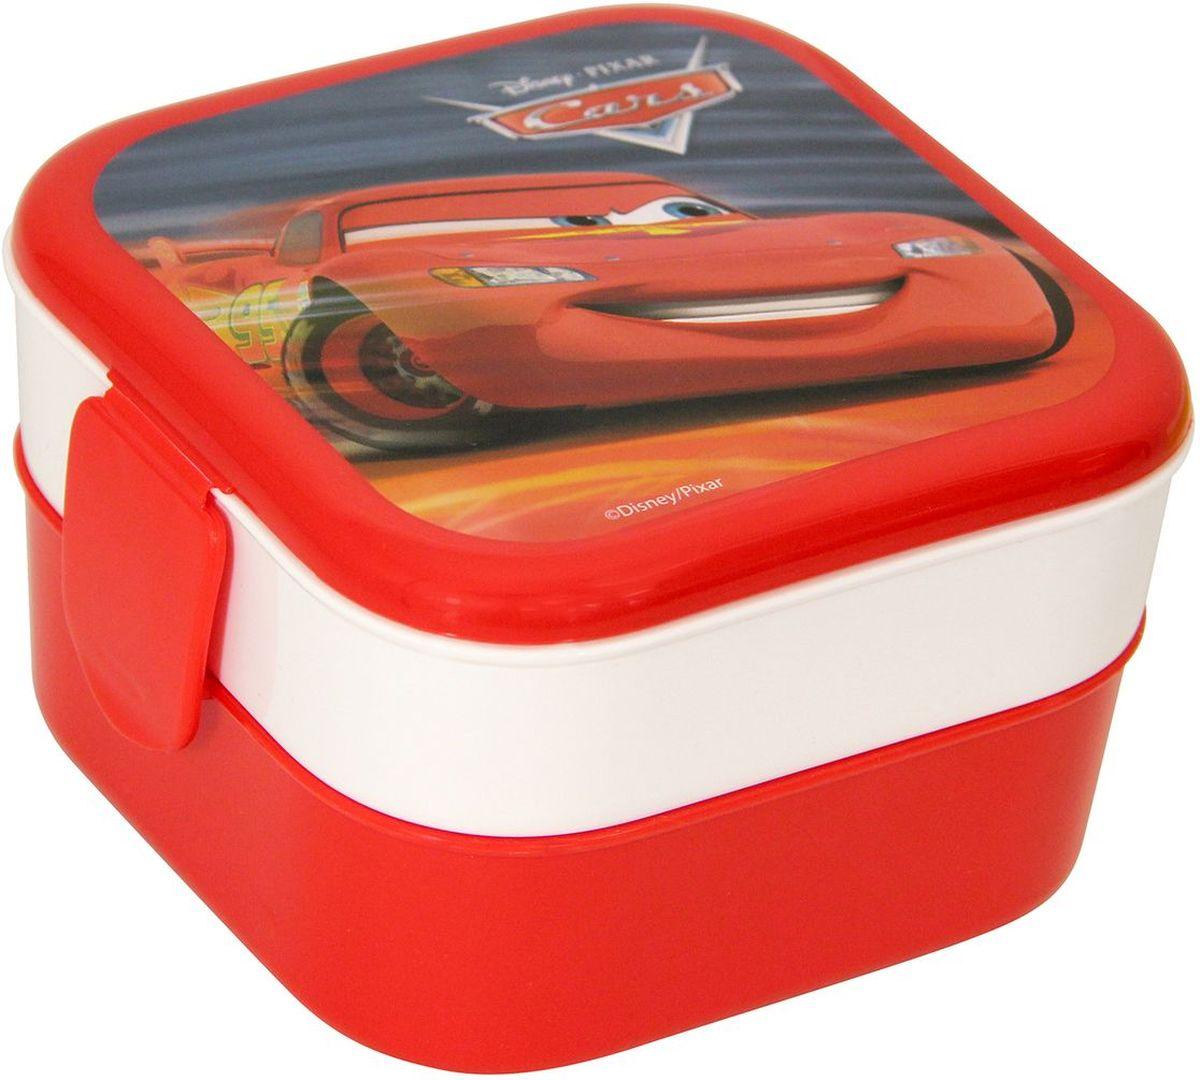 Контейнер Idea Disney. Тачки, 2 секции, цвет: красныйМ 1232-ДКонтейнер Idea Disney изготовлен из высококачественного пластика, предназначен для хранения продуктов. Изделие декорировано ярким рисунком. Контейнер легко открывается, оснащен двумя съемными отделениями и клапаном на крышке. Контейнер - отличное решение для хранения продуктов.Размер контейнера: 12 см х 12 см х 8 см. Объем секции: 0,4 л.